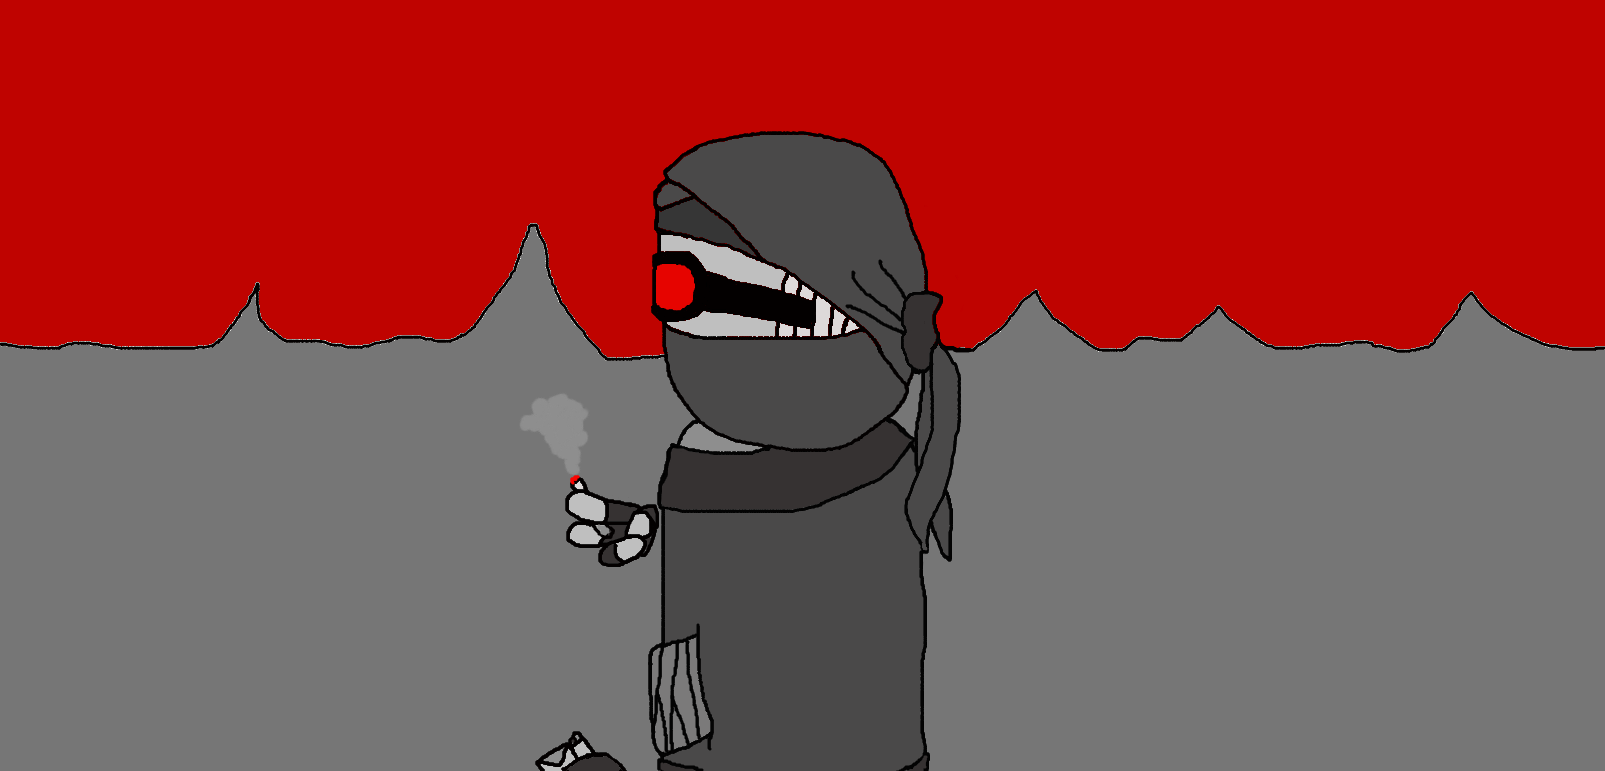 Hank Smoking